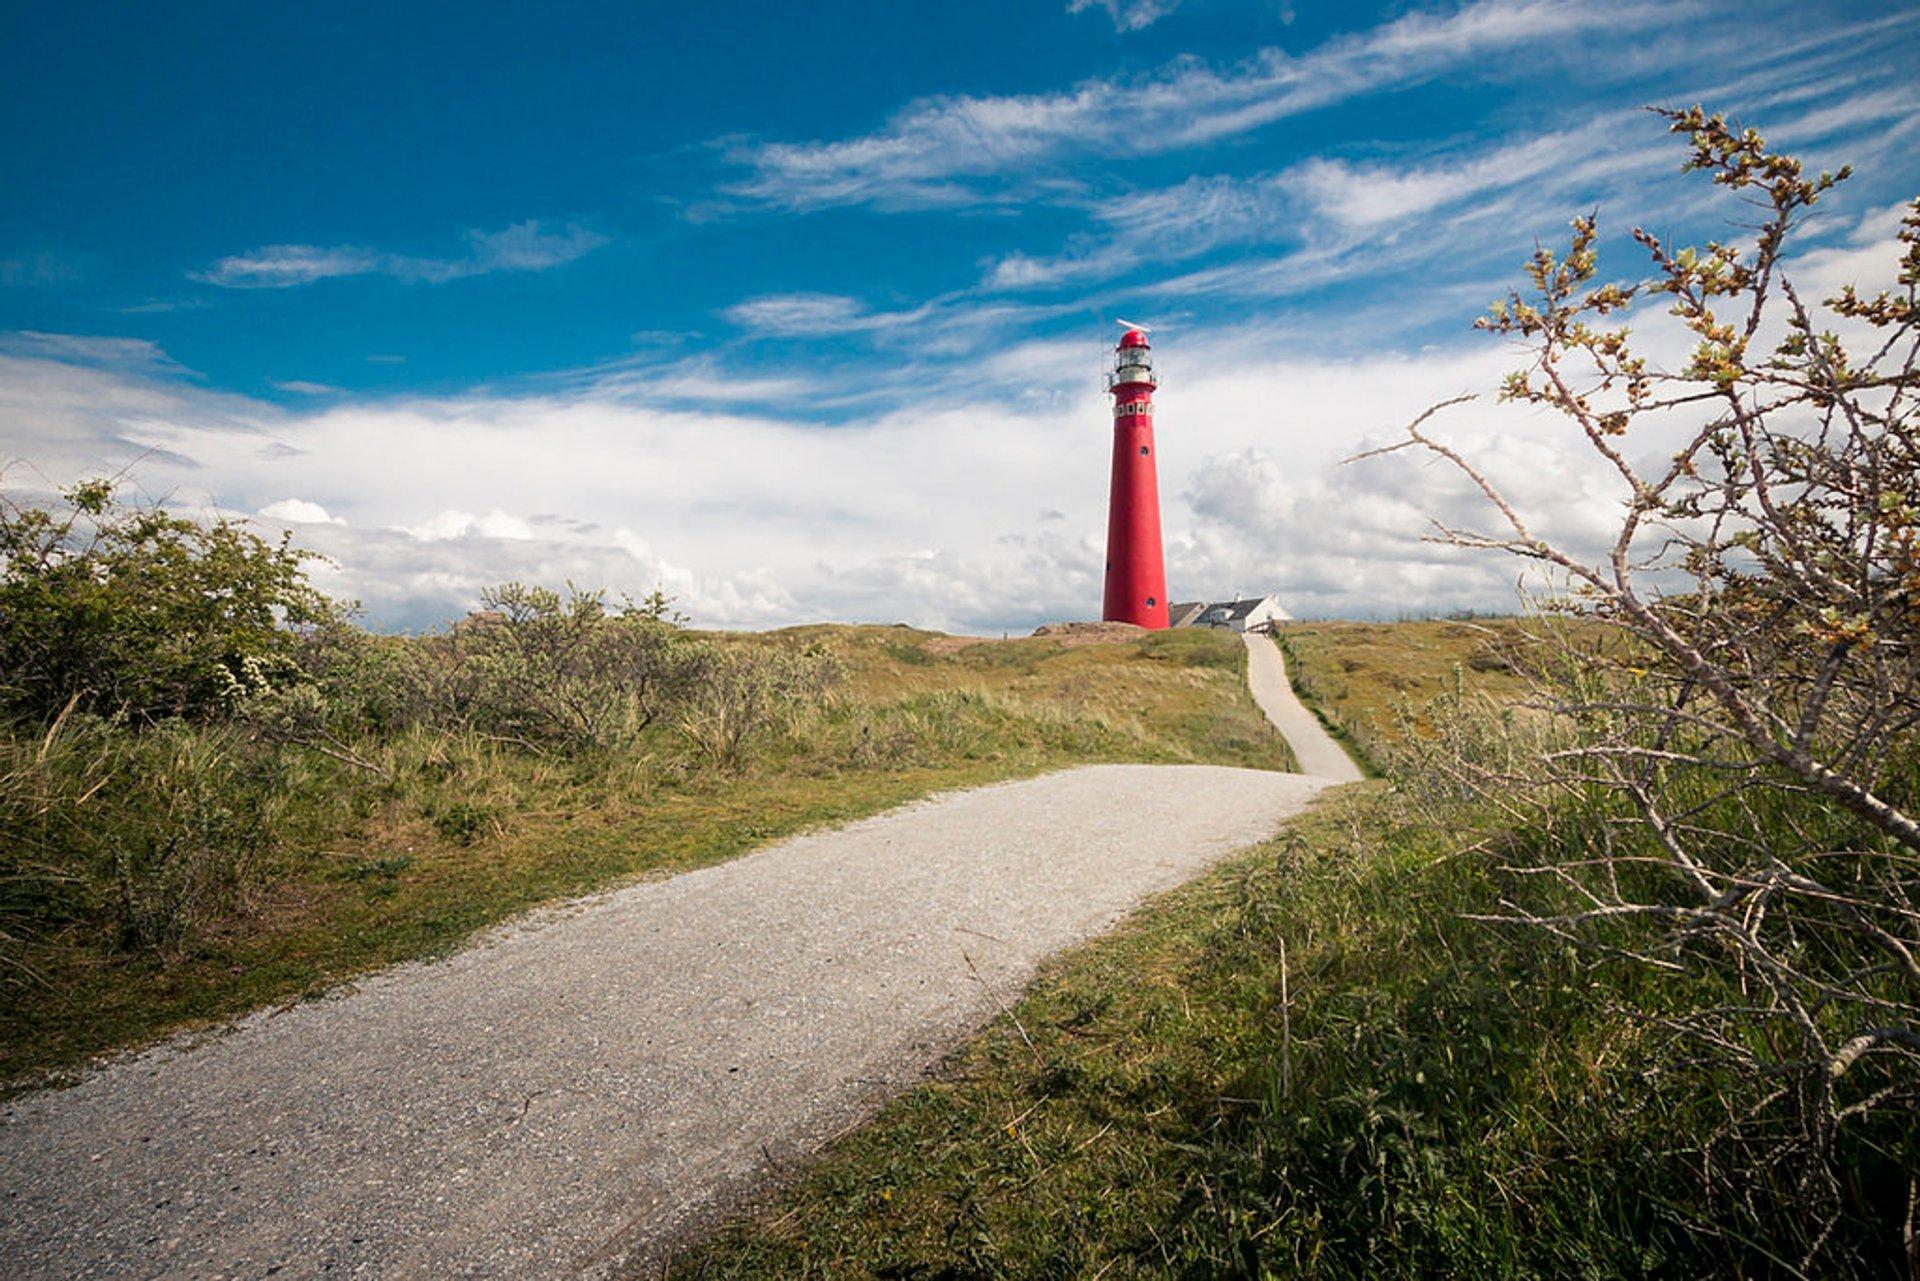 Schiermonnikoog in The Netherlands 2019 - Best Time